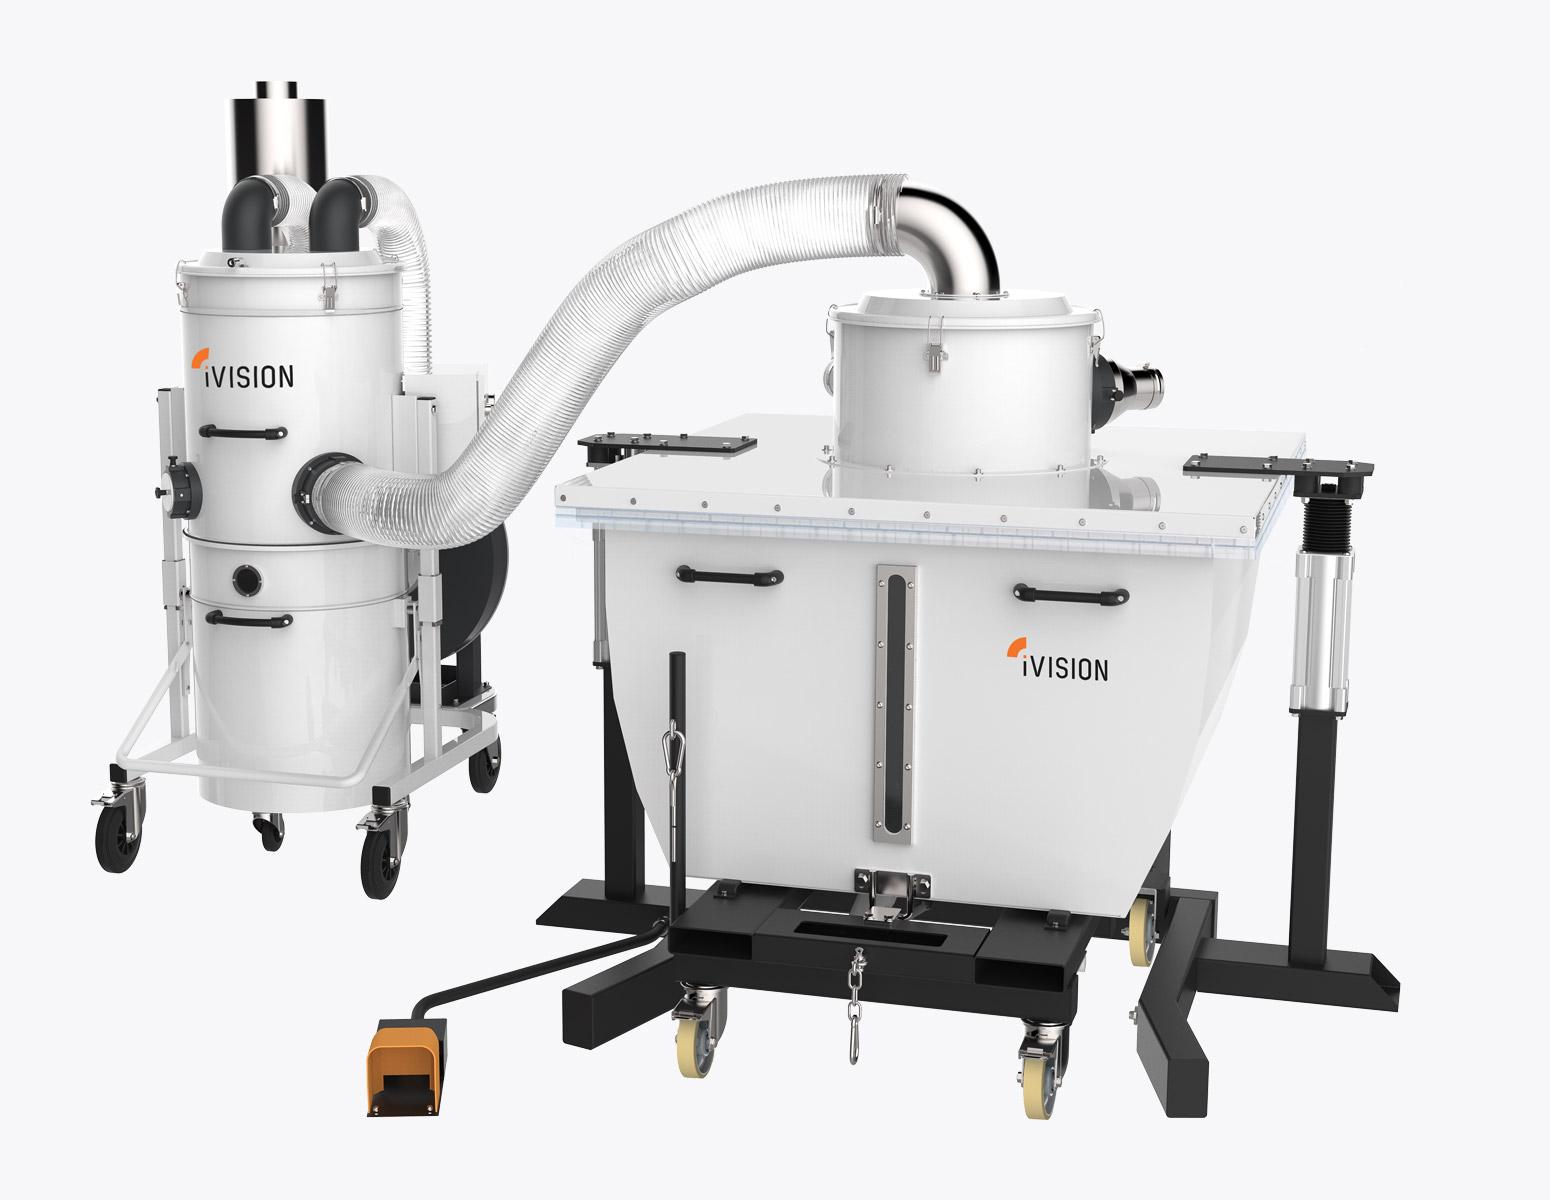 iv-custom-extrusion-line-industrial-vacuum-cleaners-ivision-vacuum1